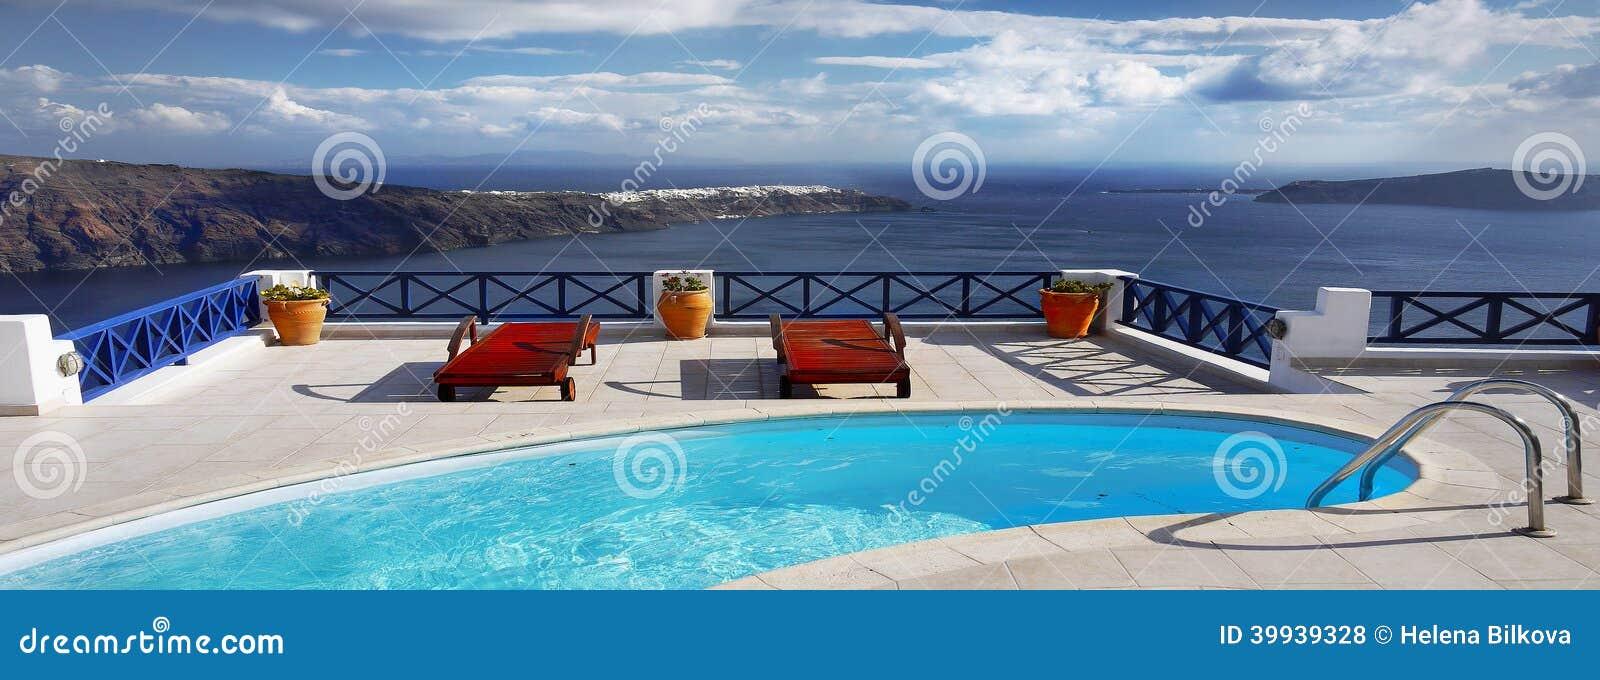 Terapia de abrandamento da piscina dos termas do encabeçamento